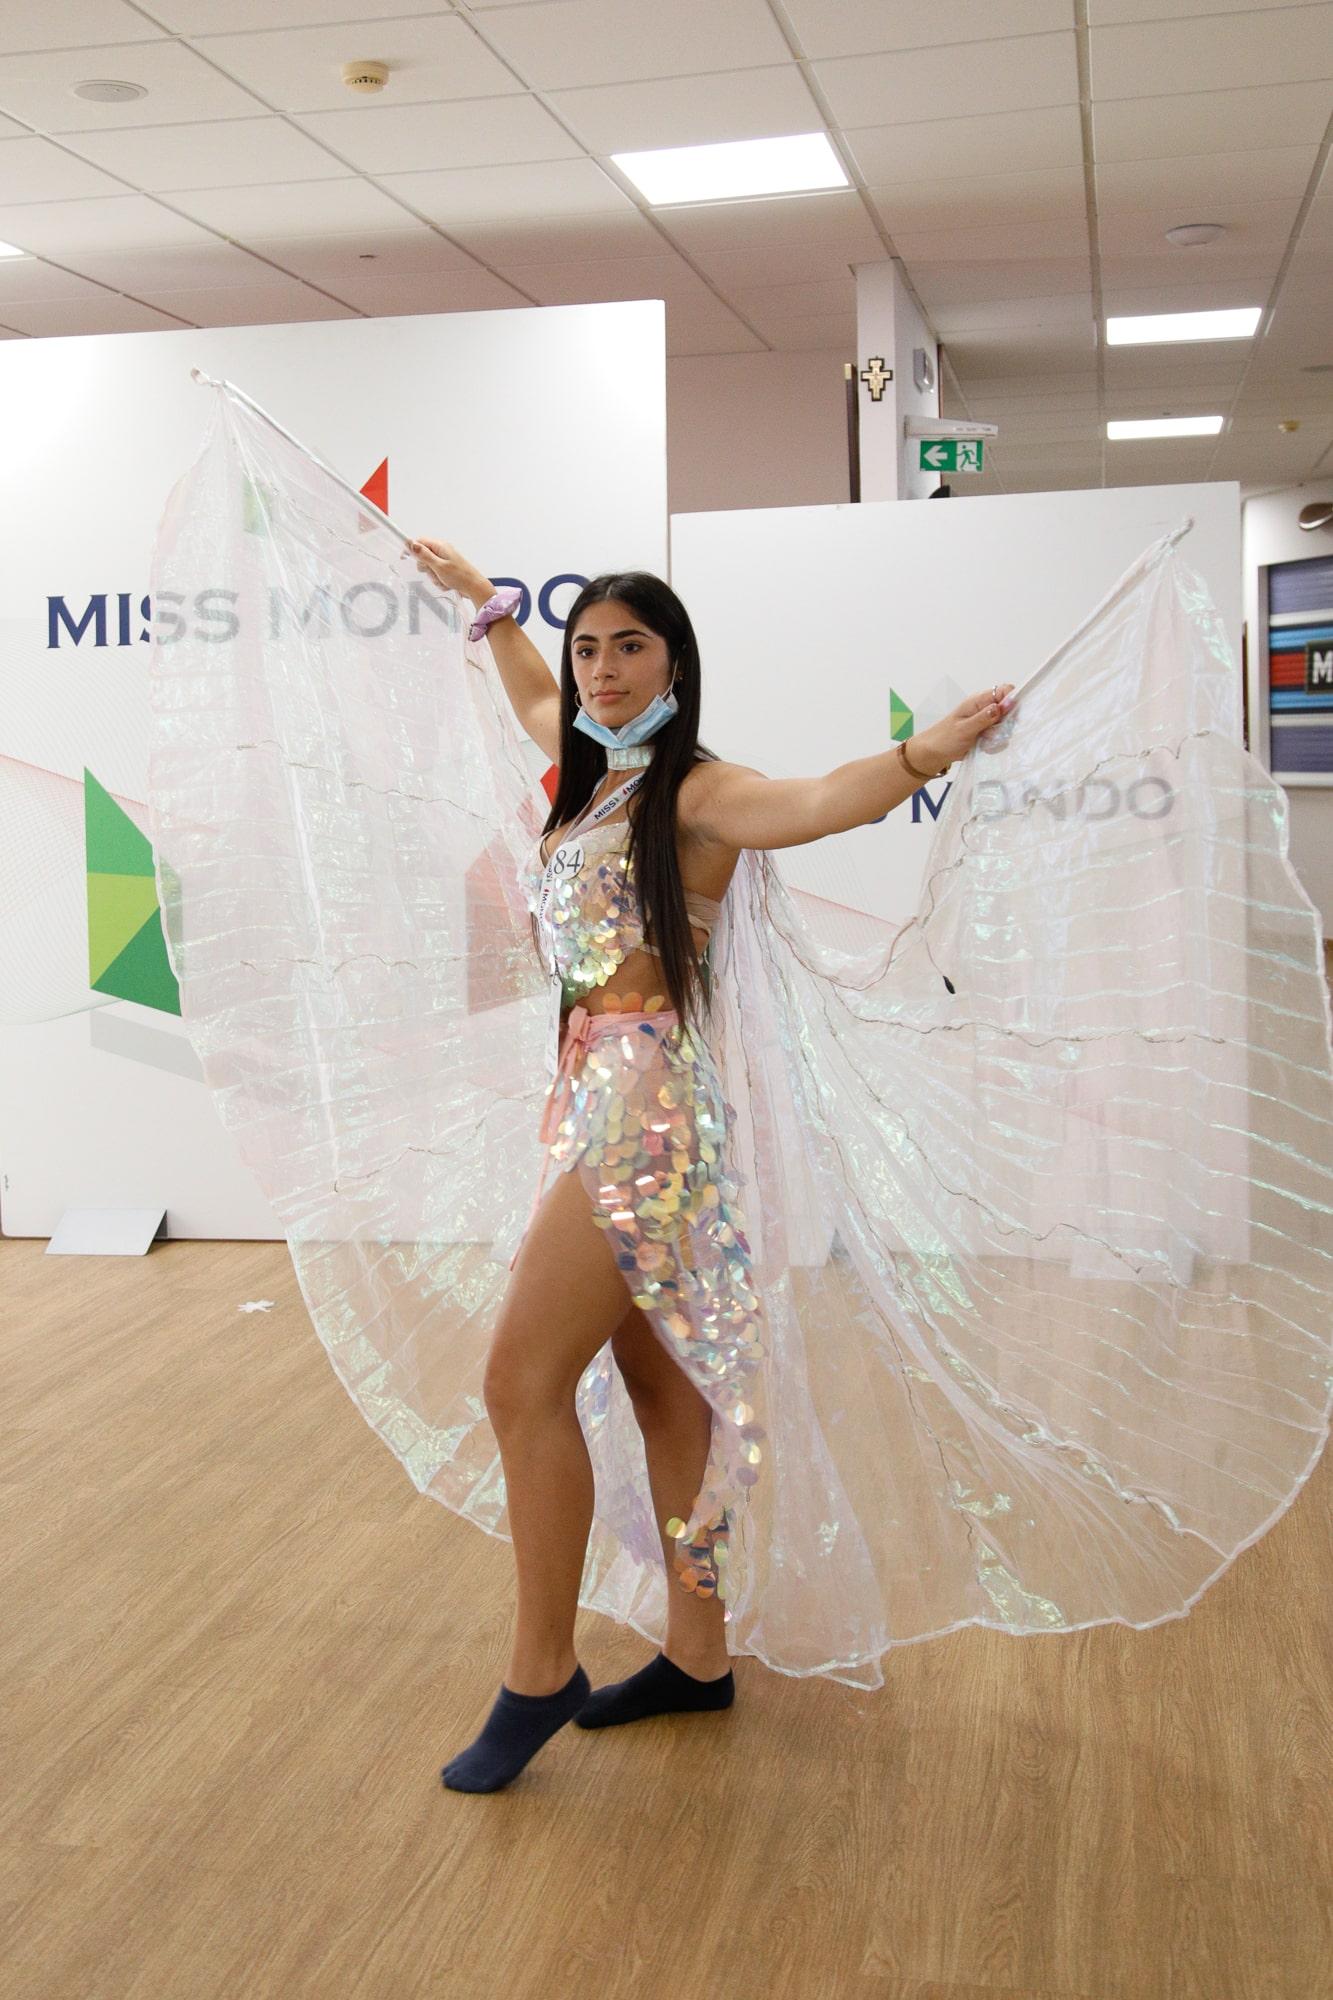 Finale nazione Miss Mondo Italia 2021 Audizione Talent 3 - 4